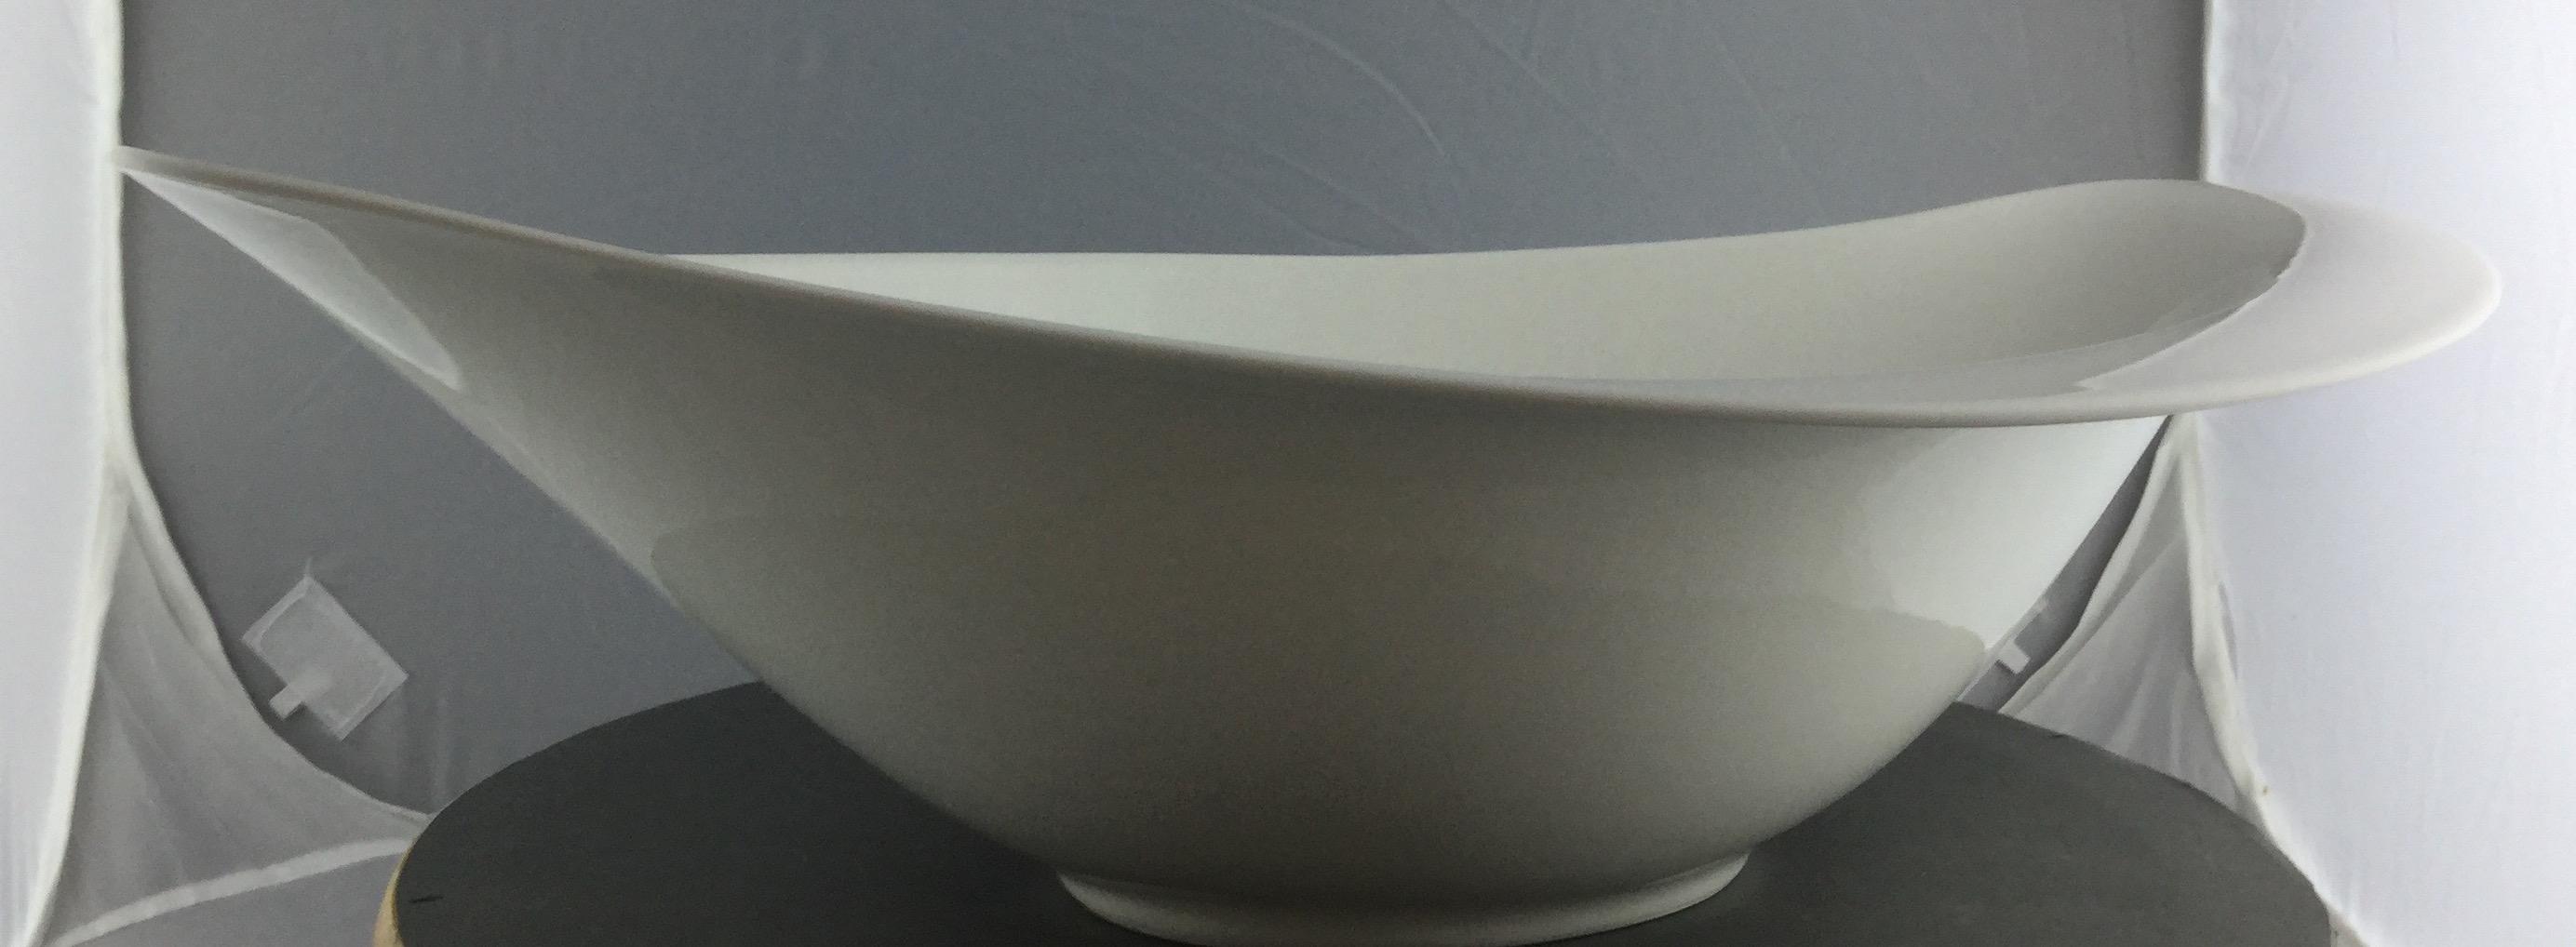 Villeroy--Boch-Salad-Bowl_62631E.jpg